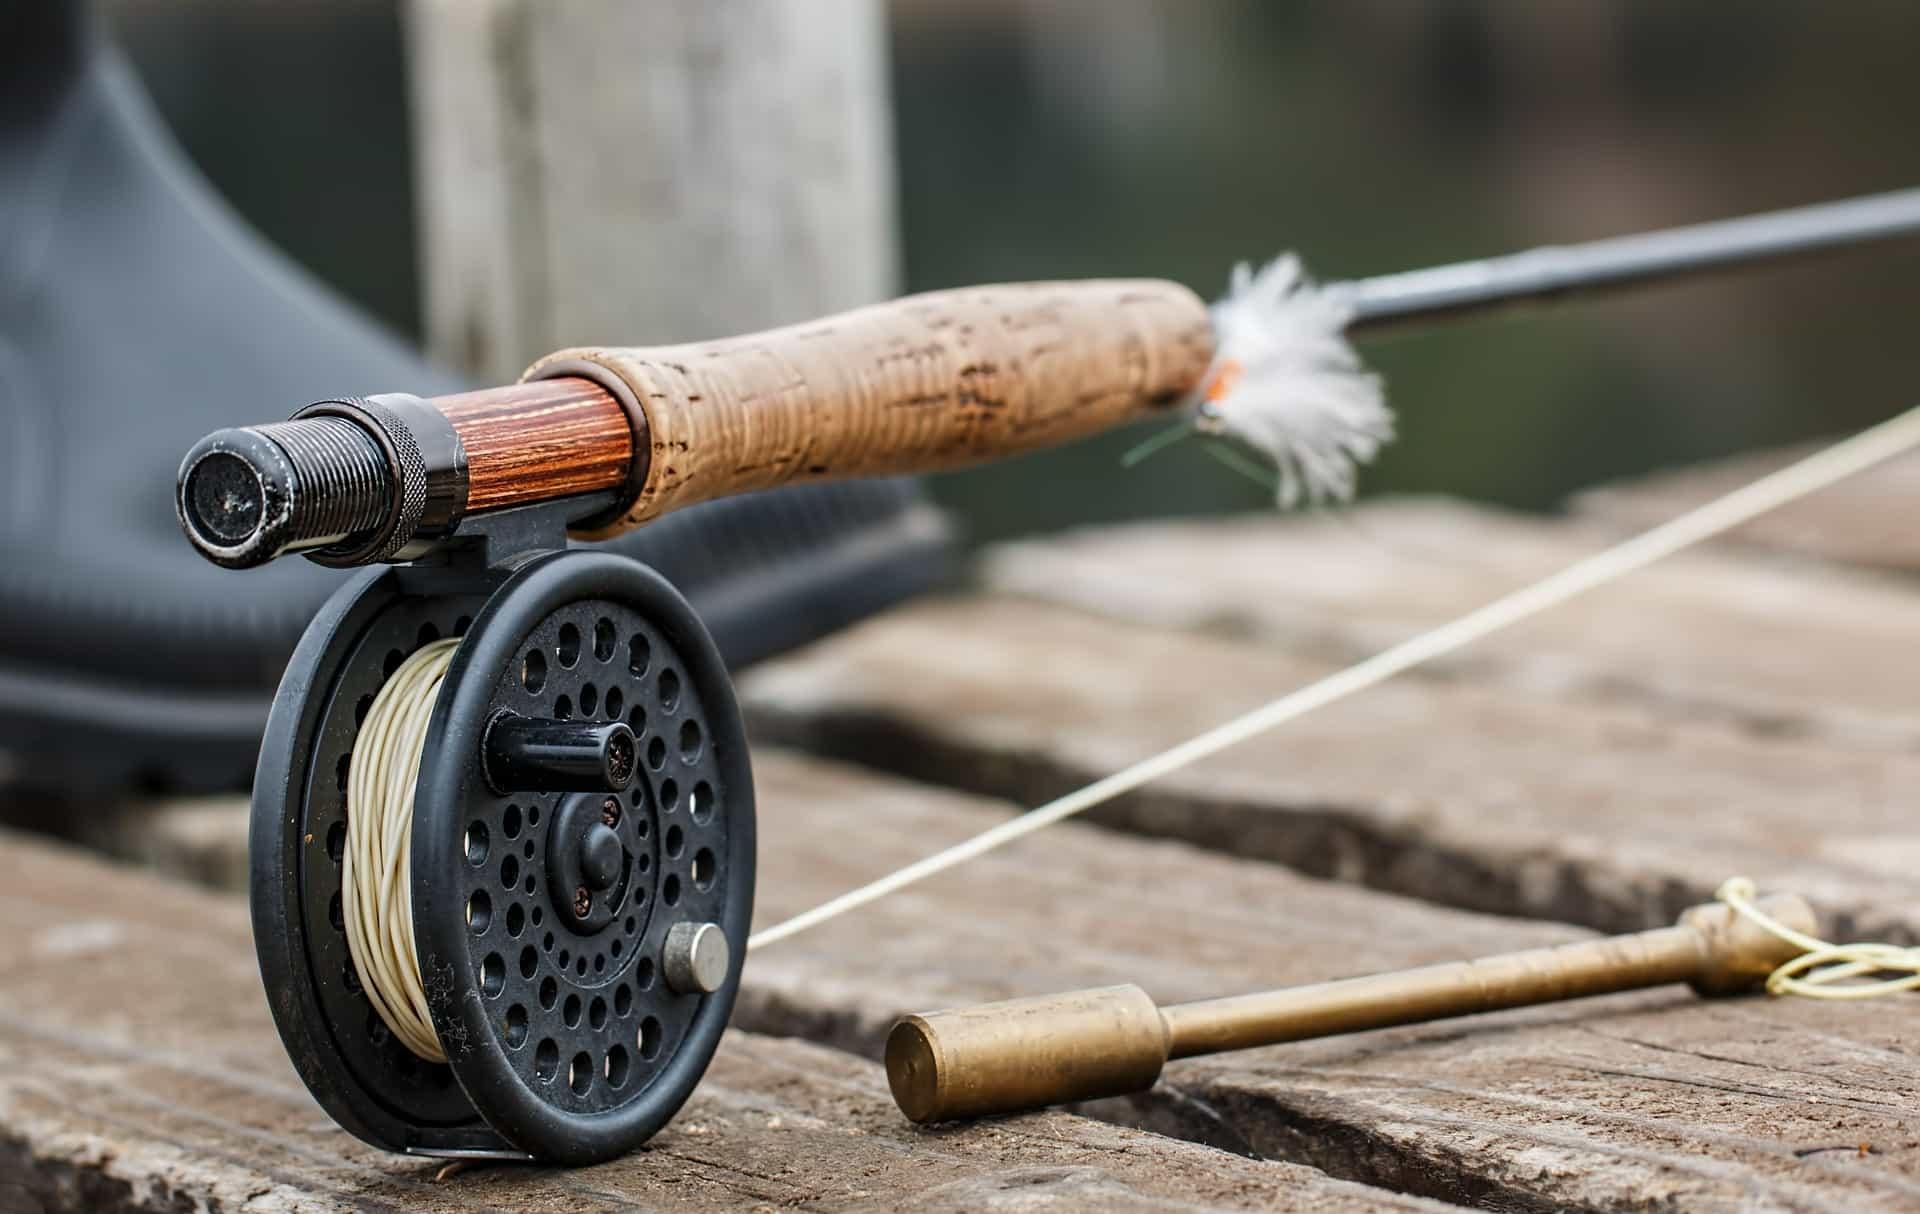 Angelschein Stade - Angel fuer das Fischen